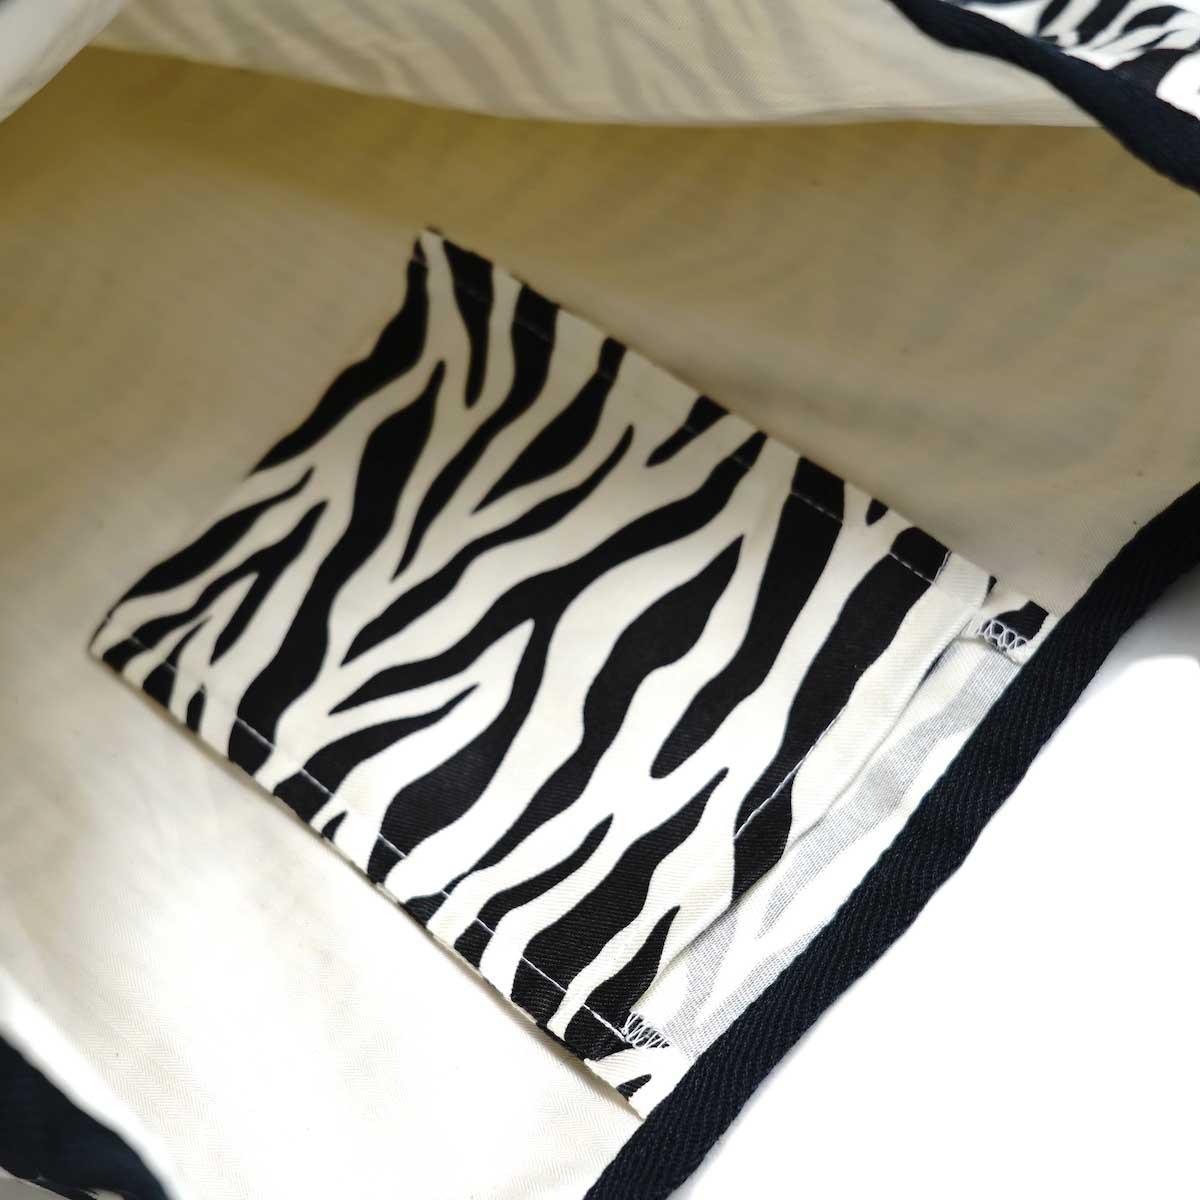 MASTER & Co. / ECO BAG SMALL (Zebra) 内ポケット